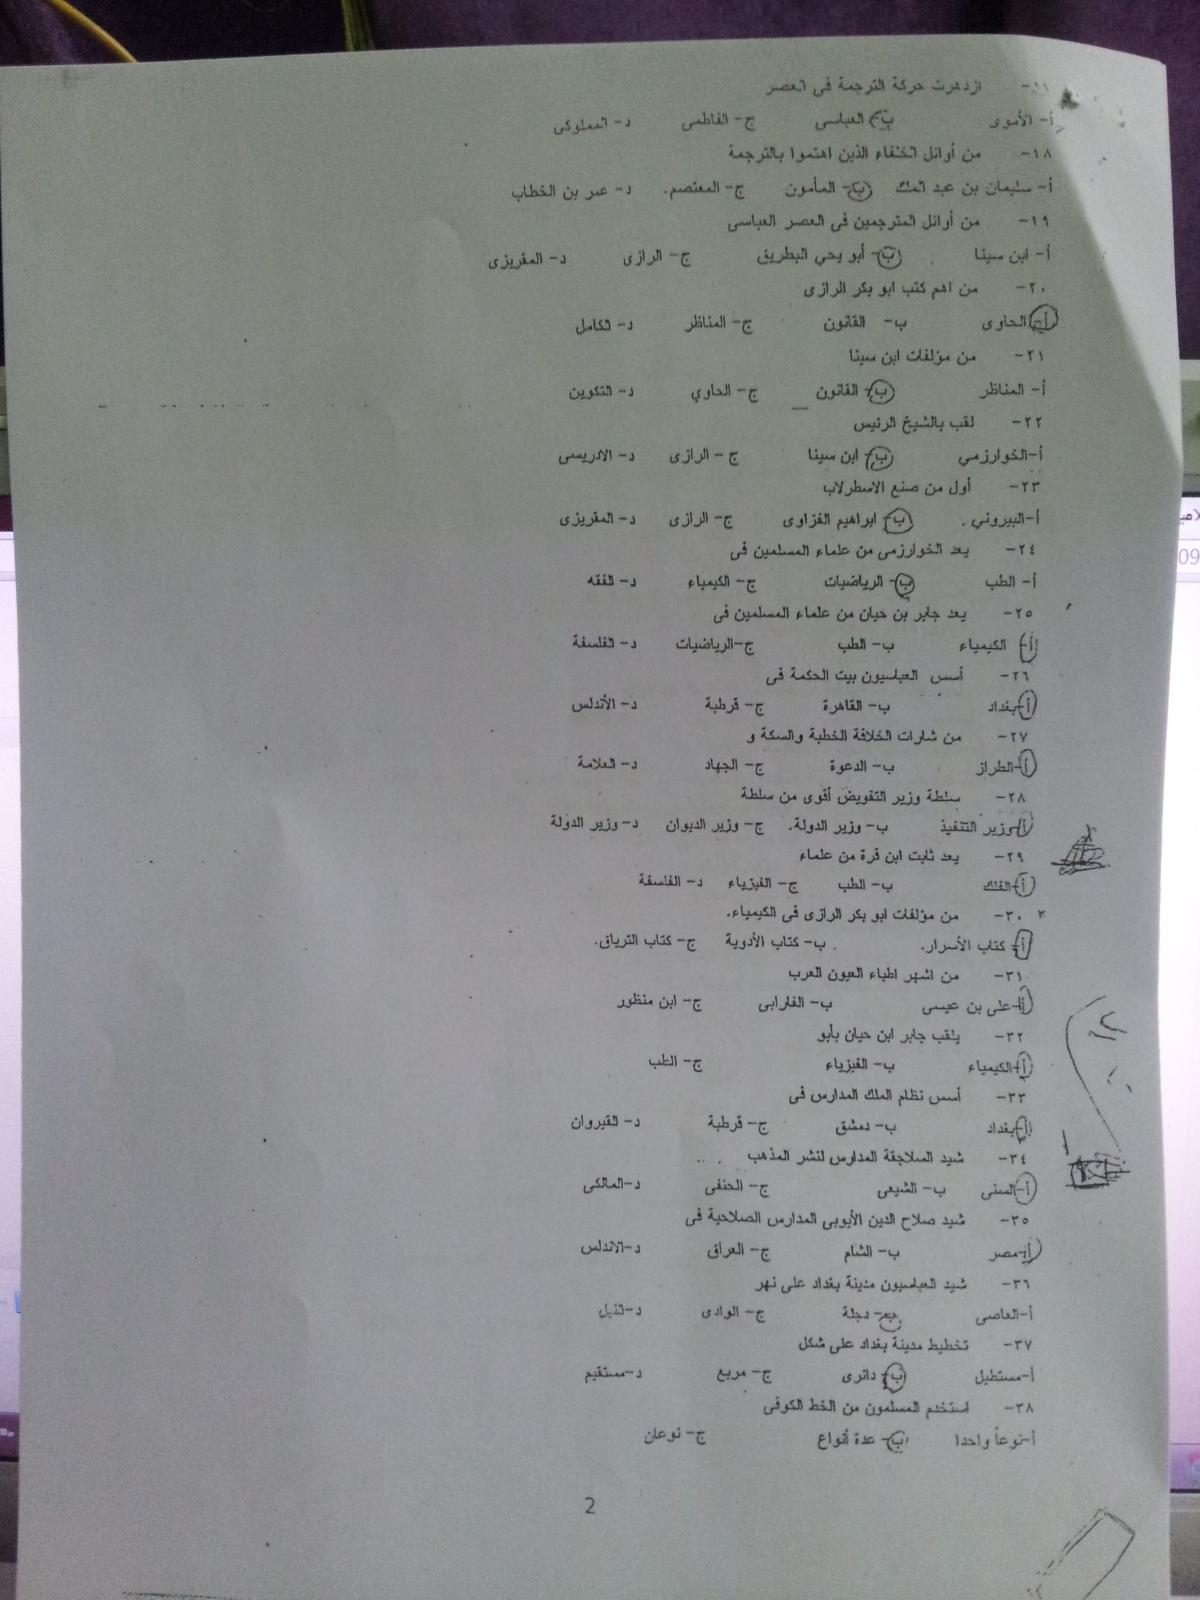 اسئلة اختبار مادة الحضارة الاسلامية الفصل الدراسي الثاني 1433هـ نموذج (ب) 2703.jpg